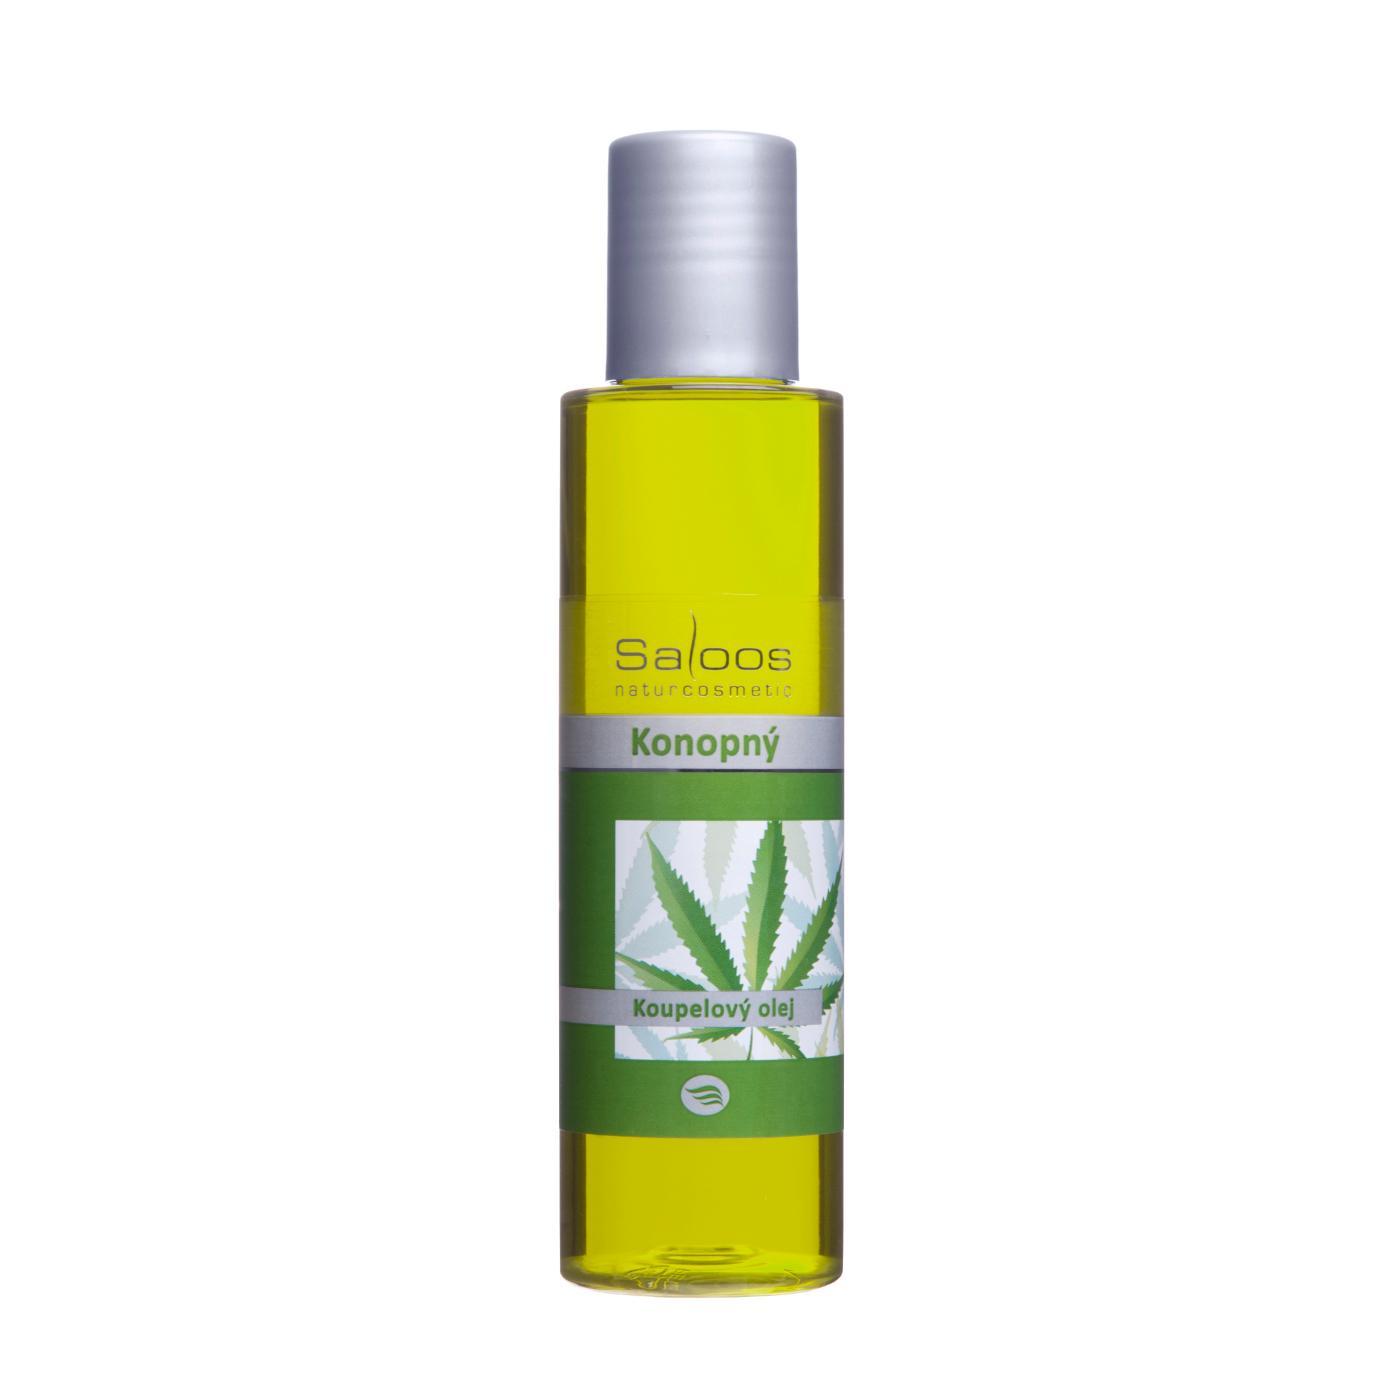 Saloos Koupelový olej konopí 125 ml